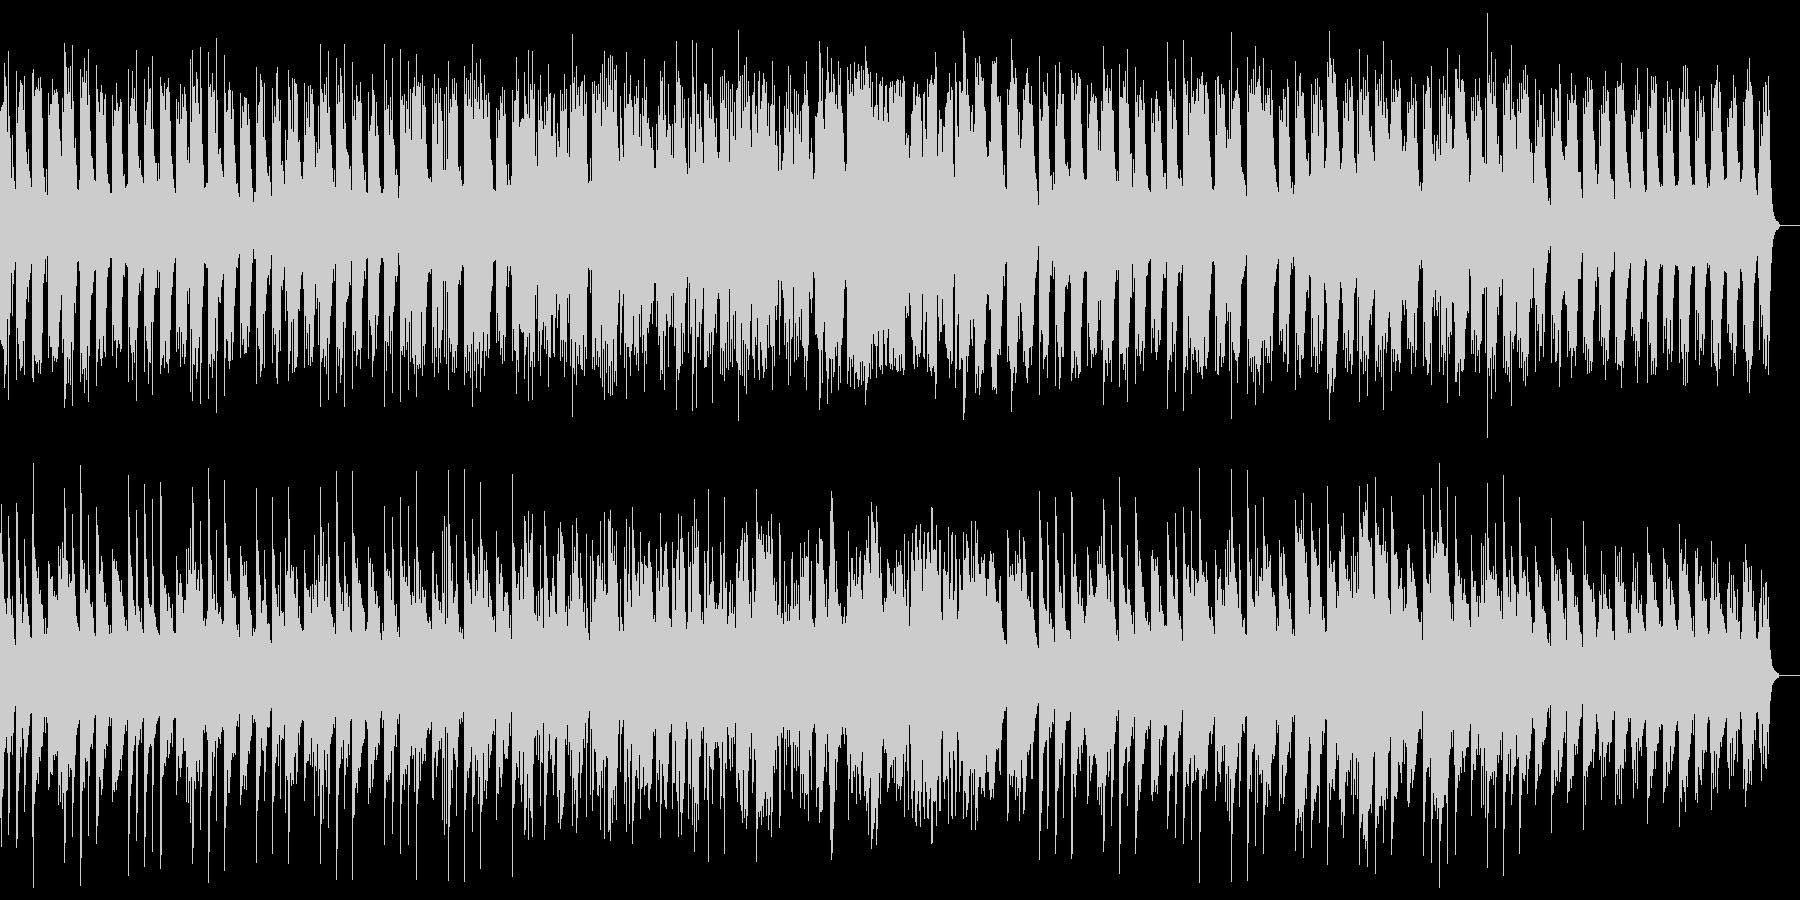 壮大でメロディアスなヒーリングピアノ曲の未再生の波形